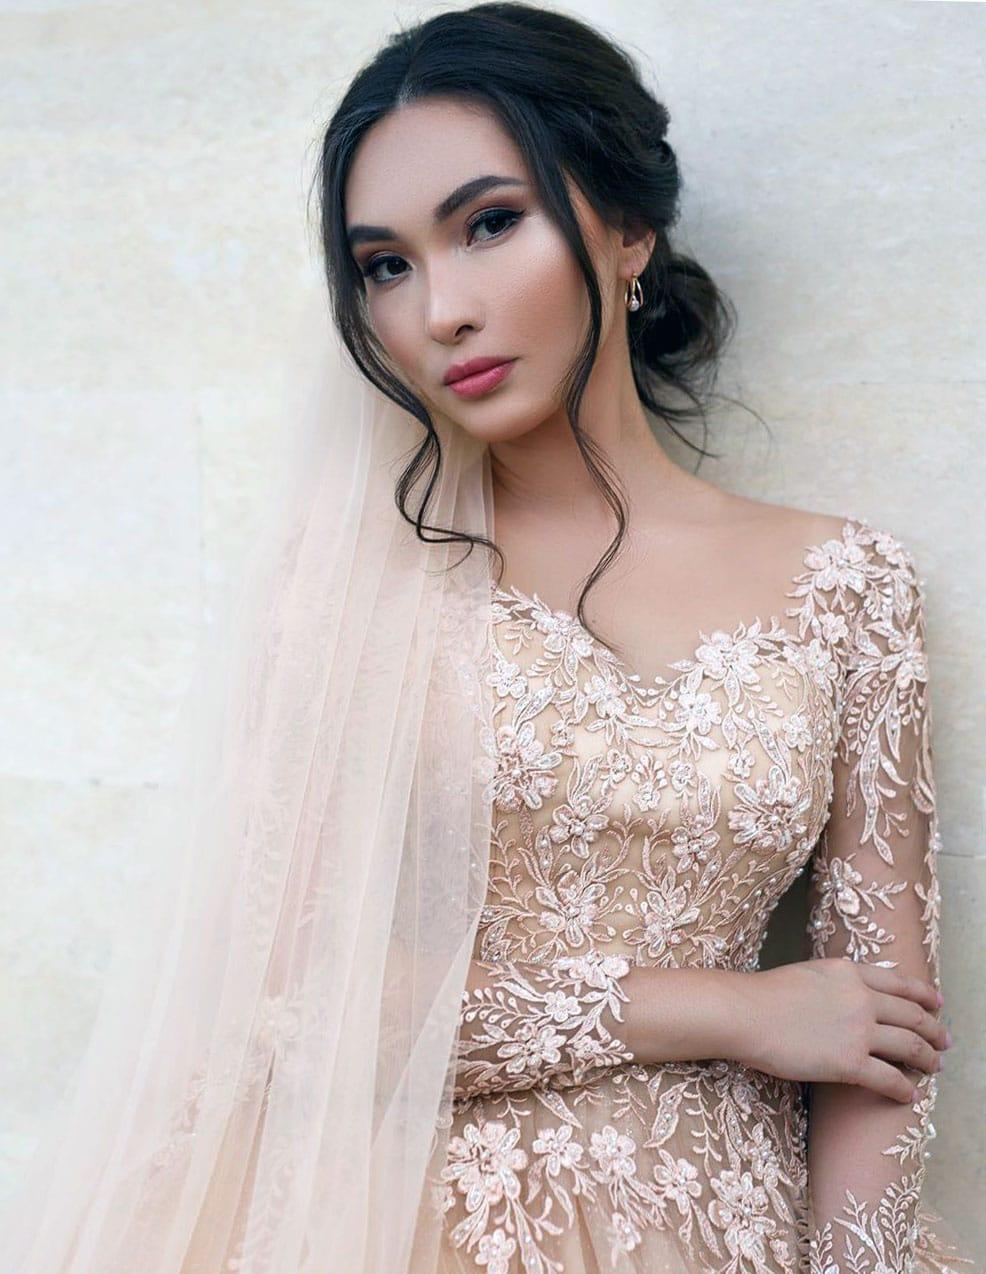 Kyrgyzstan women brides